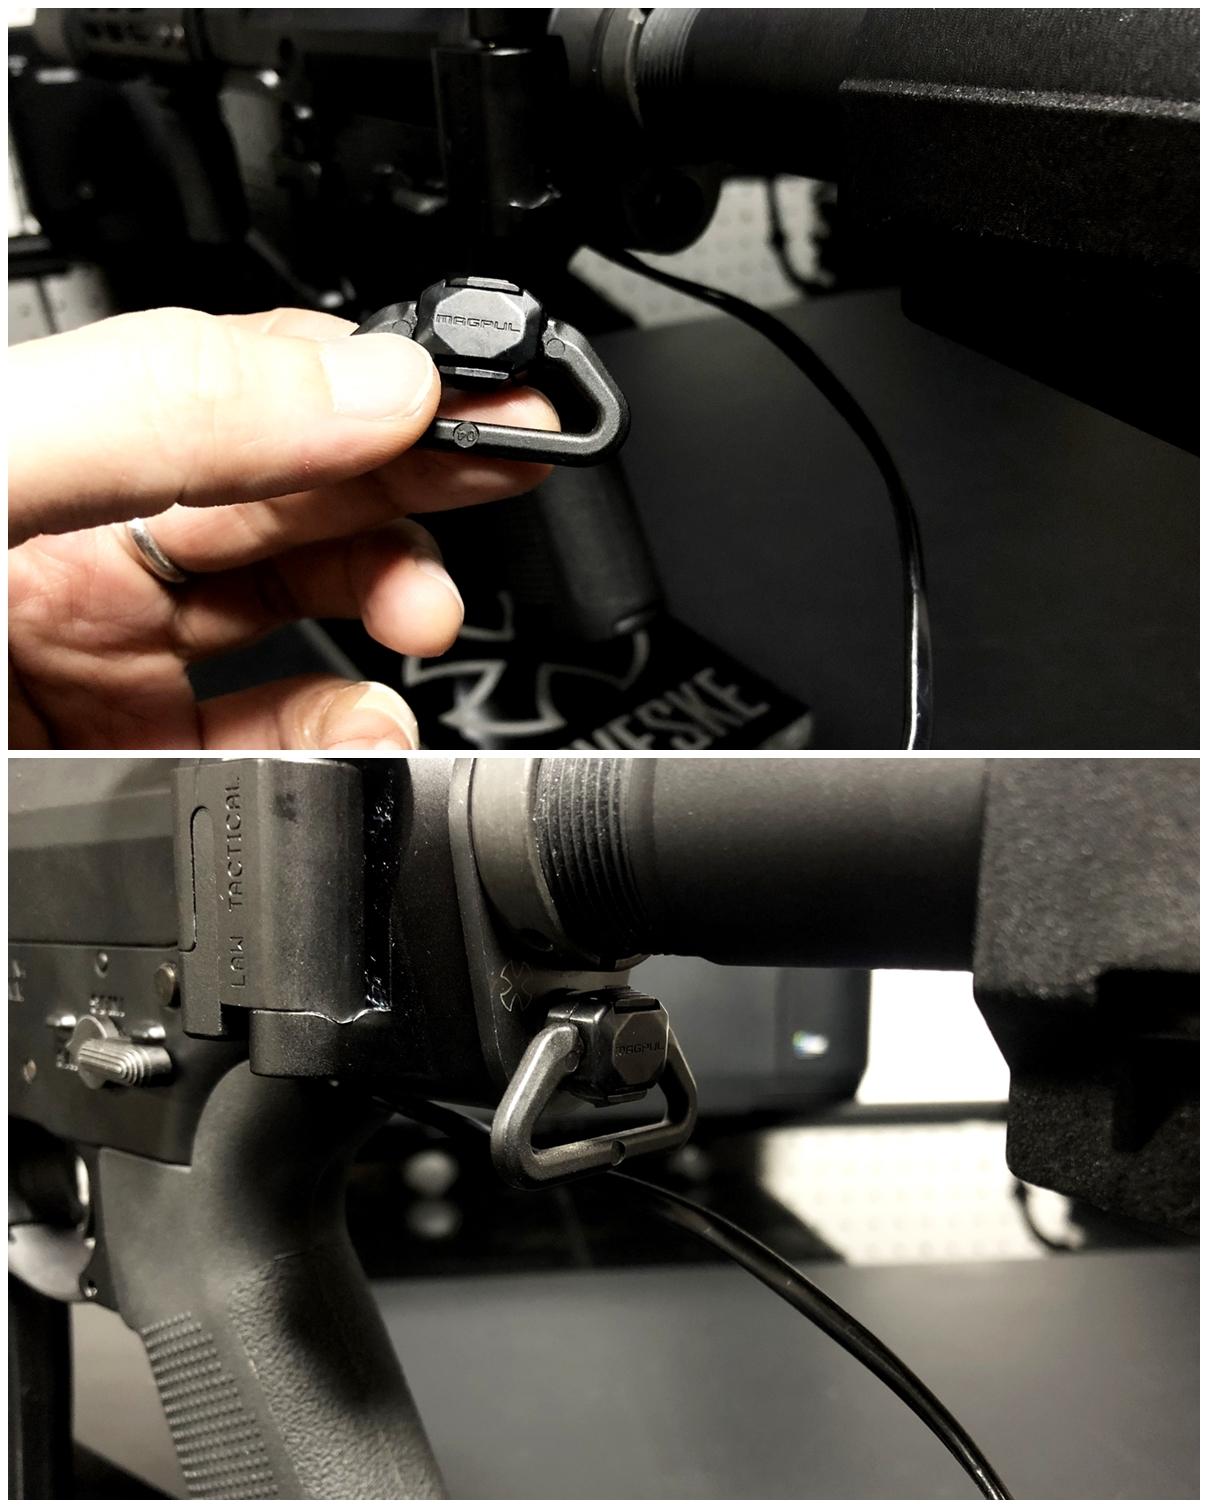 32 次世代 M4 CQB-R 電動ガン 実物 KAK SHOCKWAVE BLADE PISTOL AR-15 ストック 取付 改造 カスタム 大作戦 第7弾完結!! 最終 組み立て作業 & 初速 調整!! 実銃 ストックパイプ AR フォールディング 取付 リコイル